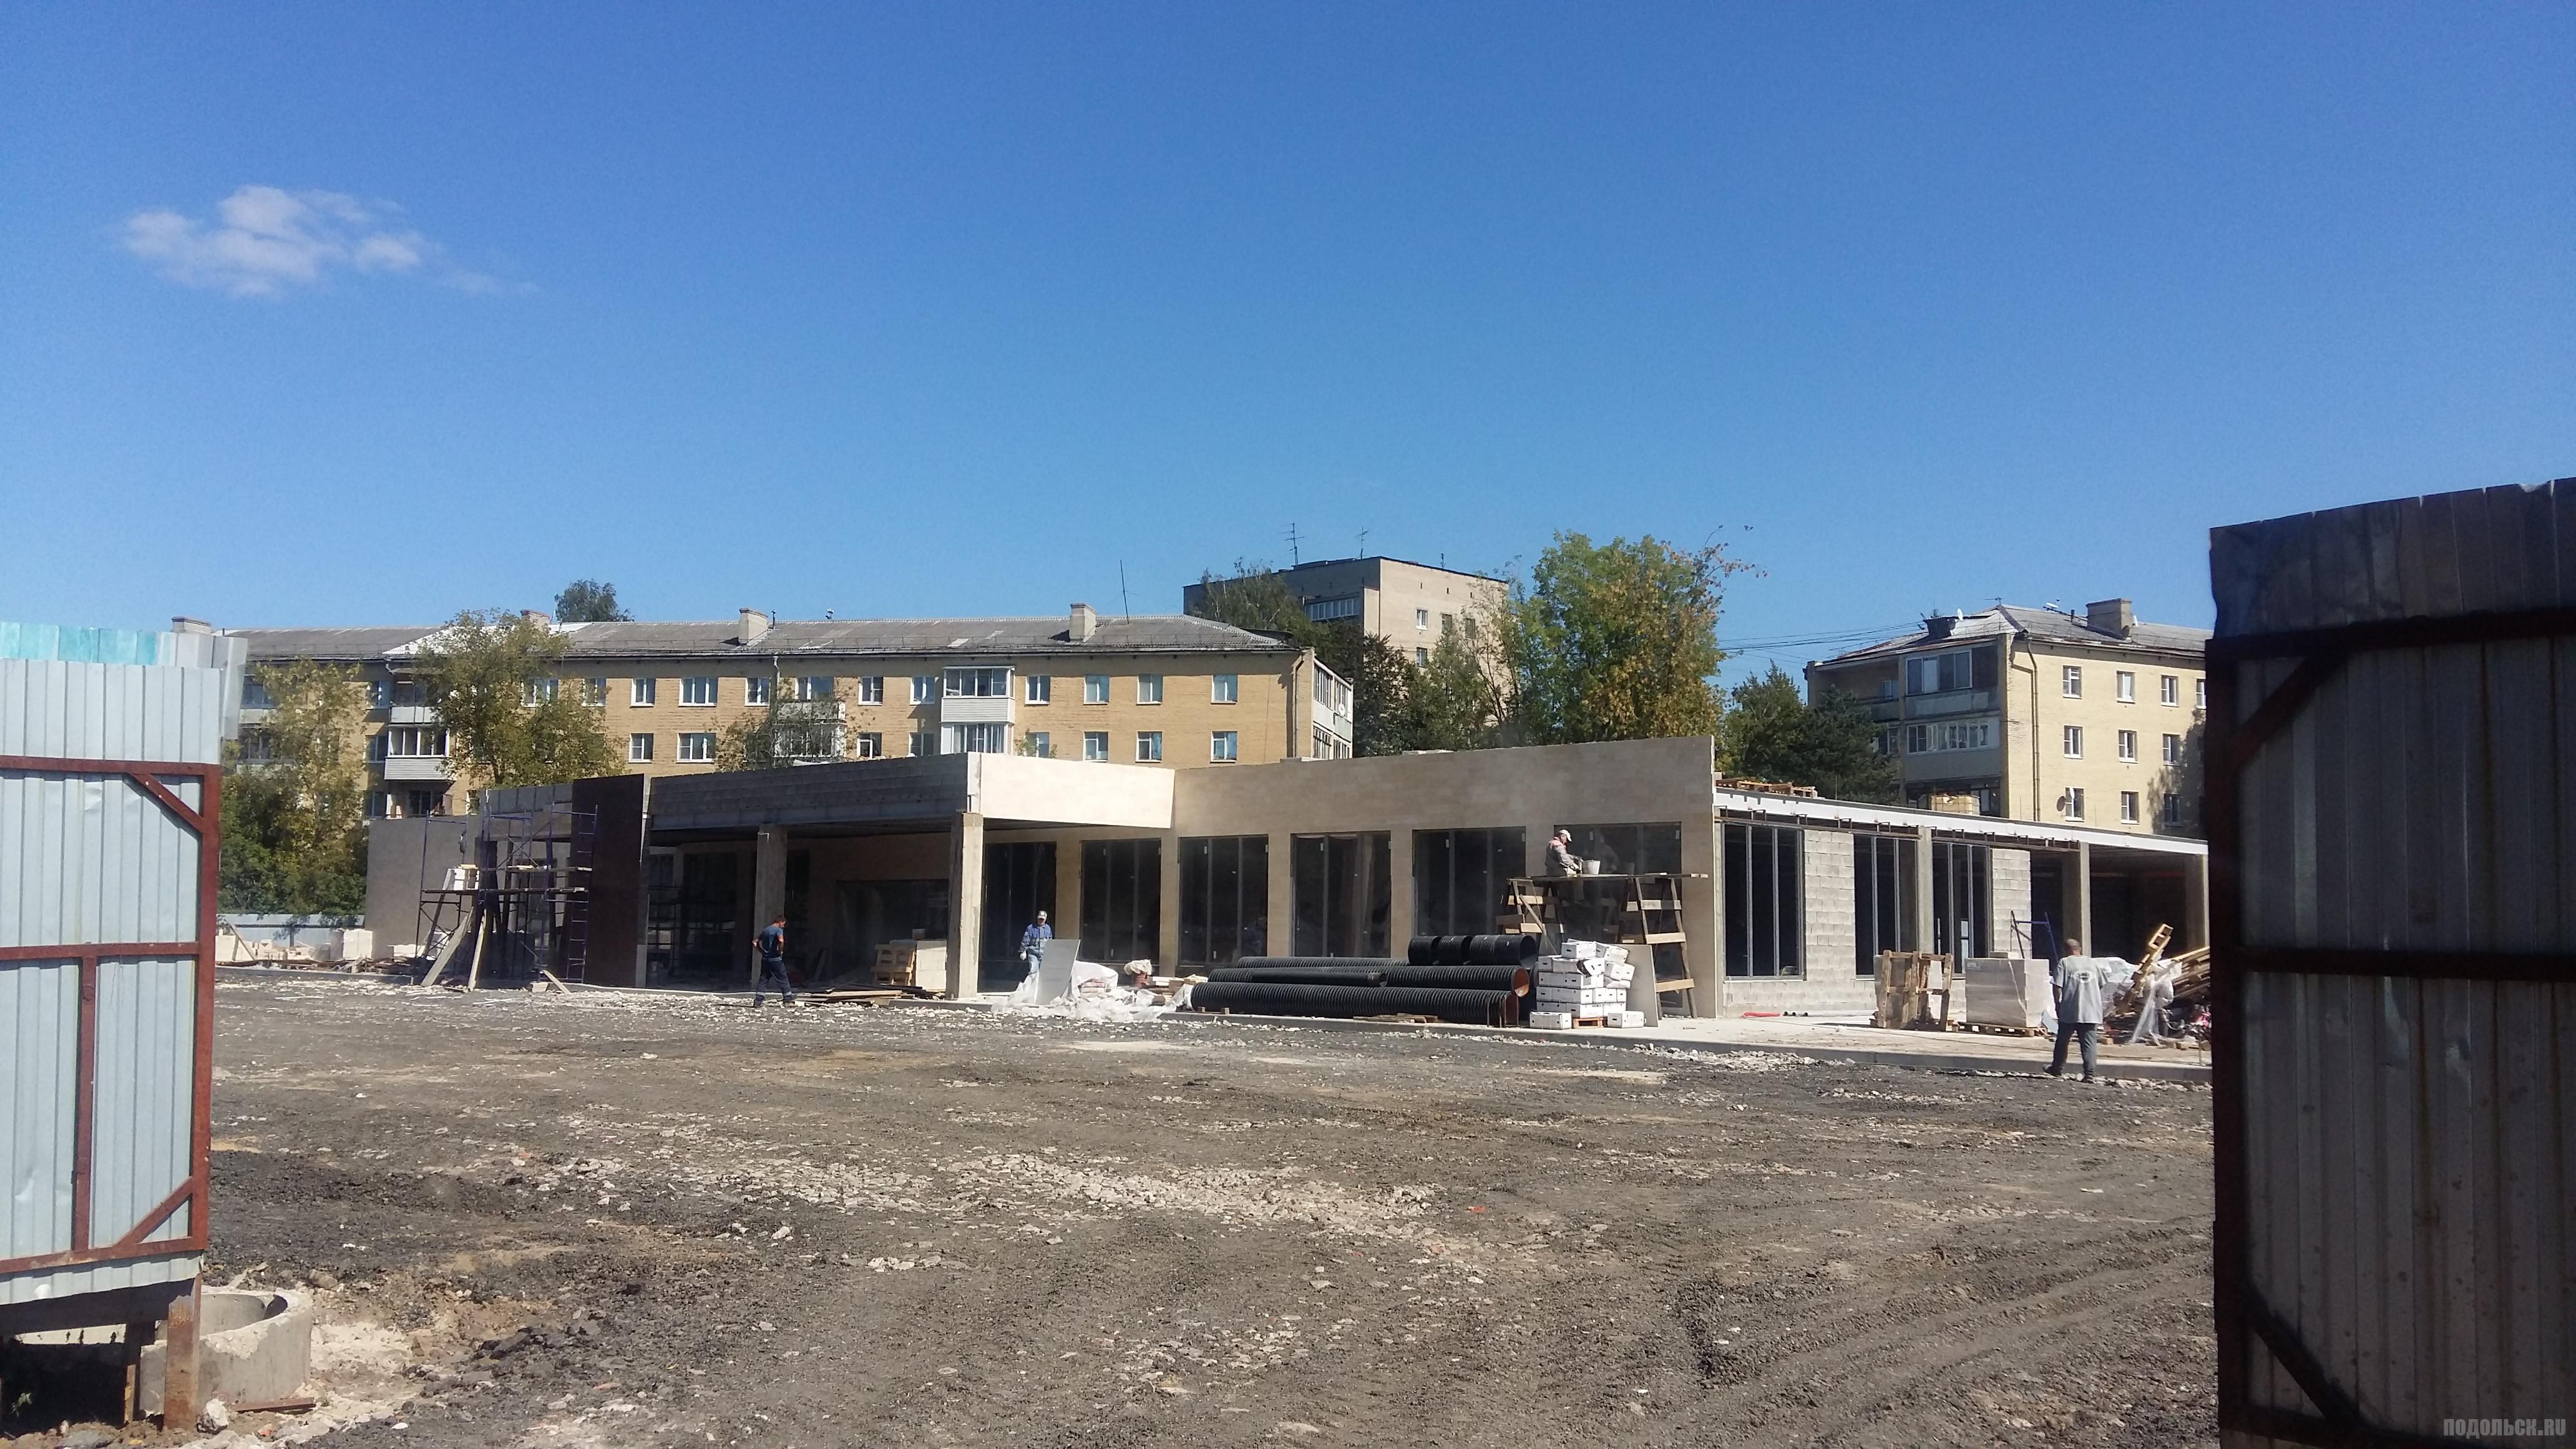 Строительство магазина на Симферопольской улице Климовска. Сентябрь 2018